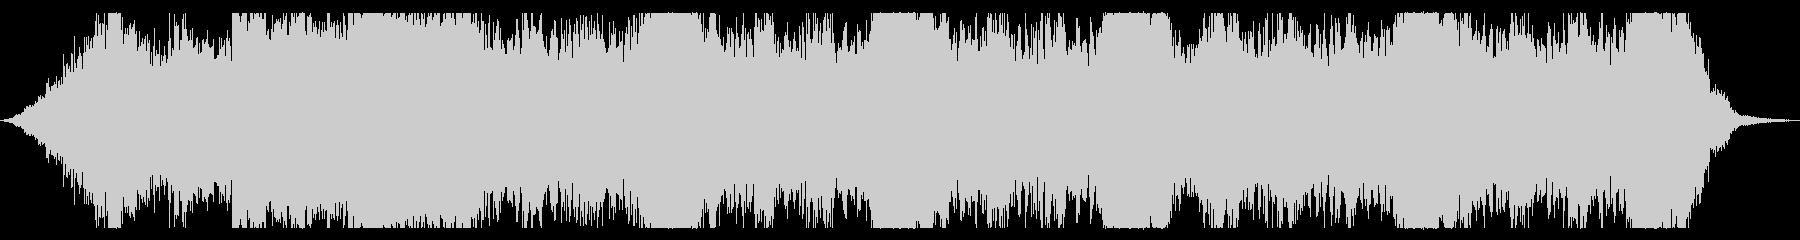 緊張感のある弦楽四重奏BGMの未再生の波形